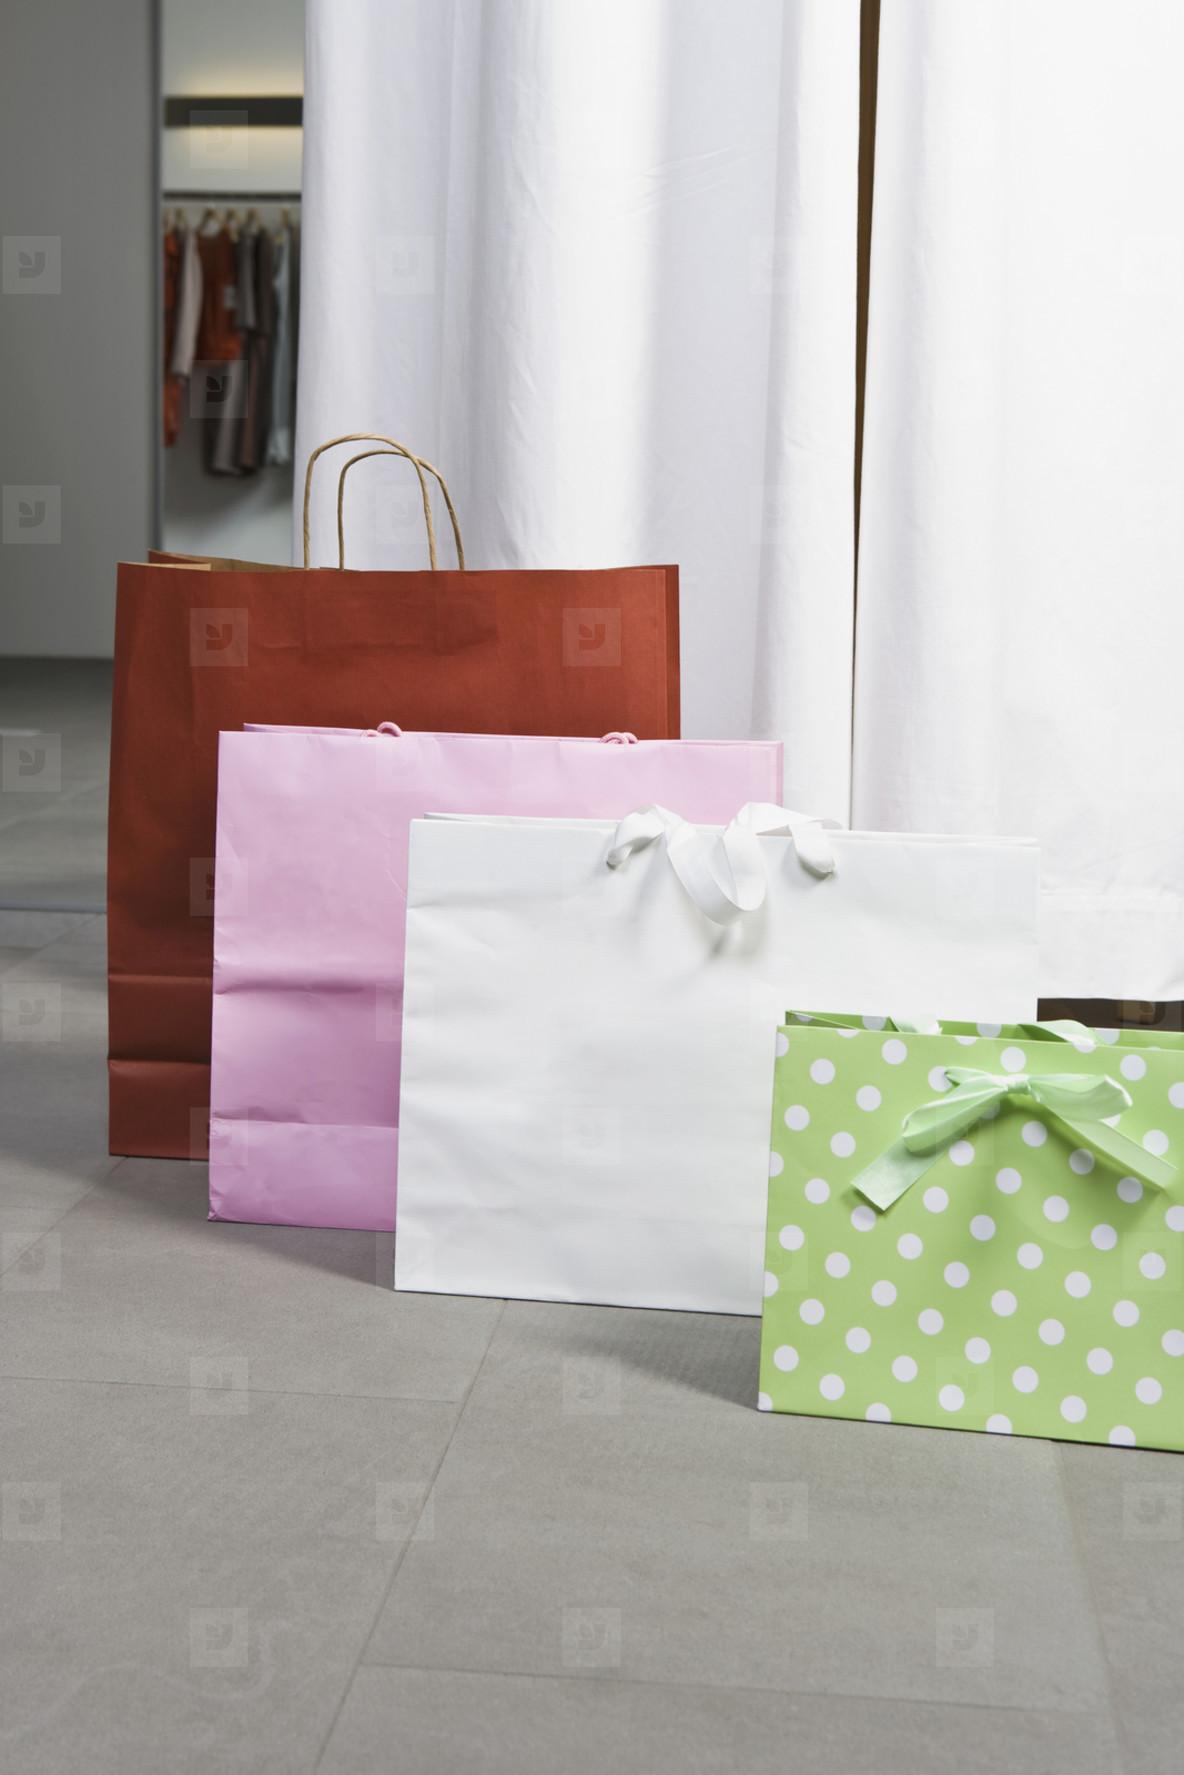 Shop Till You Drop  12